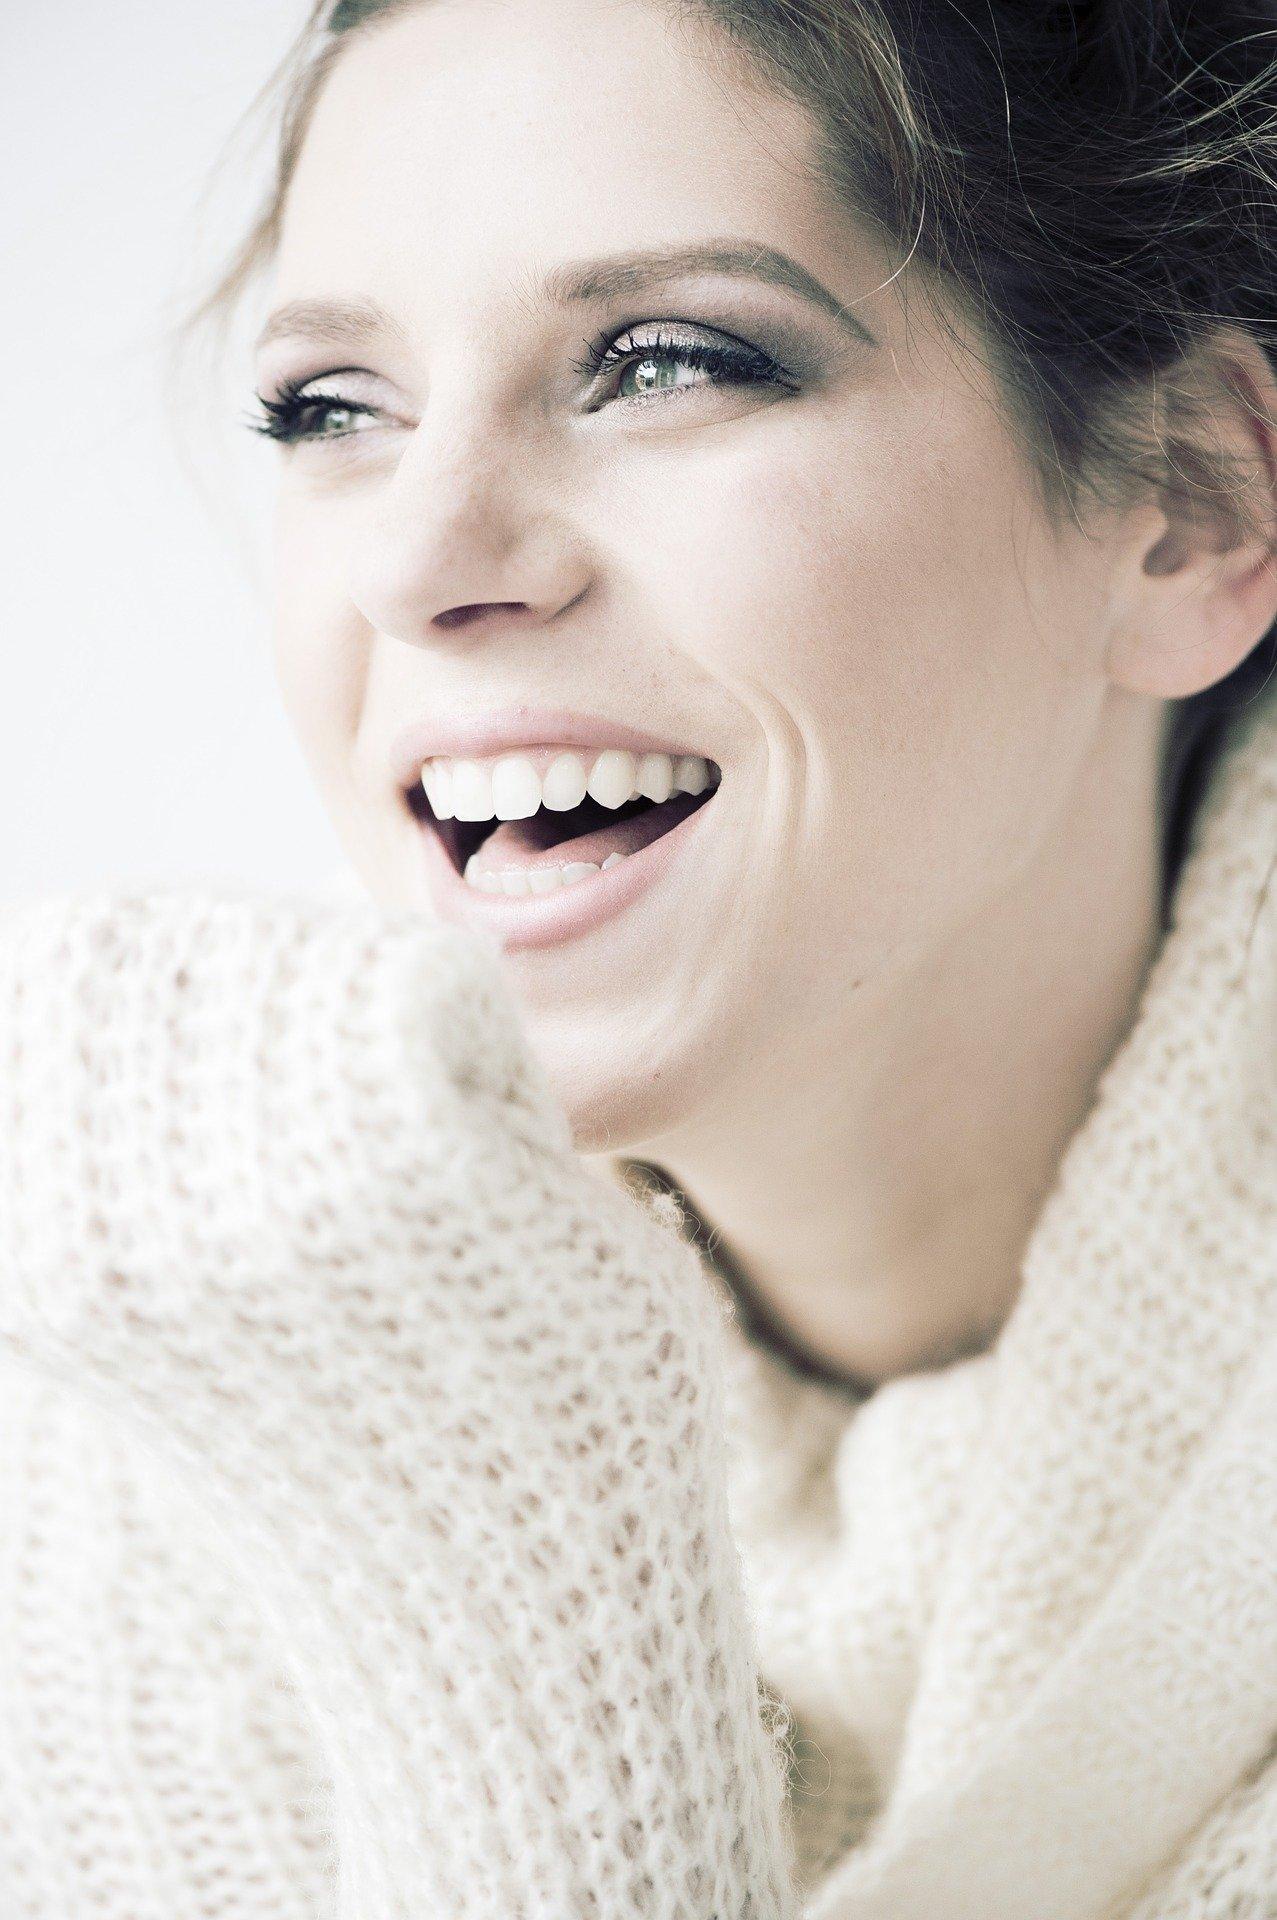 Kuva naisesta, jolla on valkoiset hampaat ja kaunis hymy